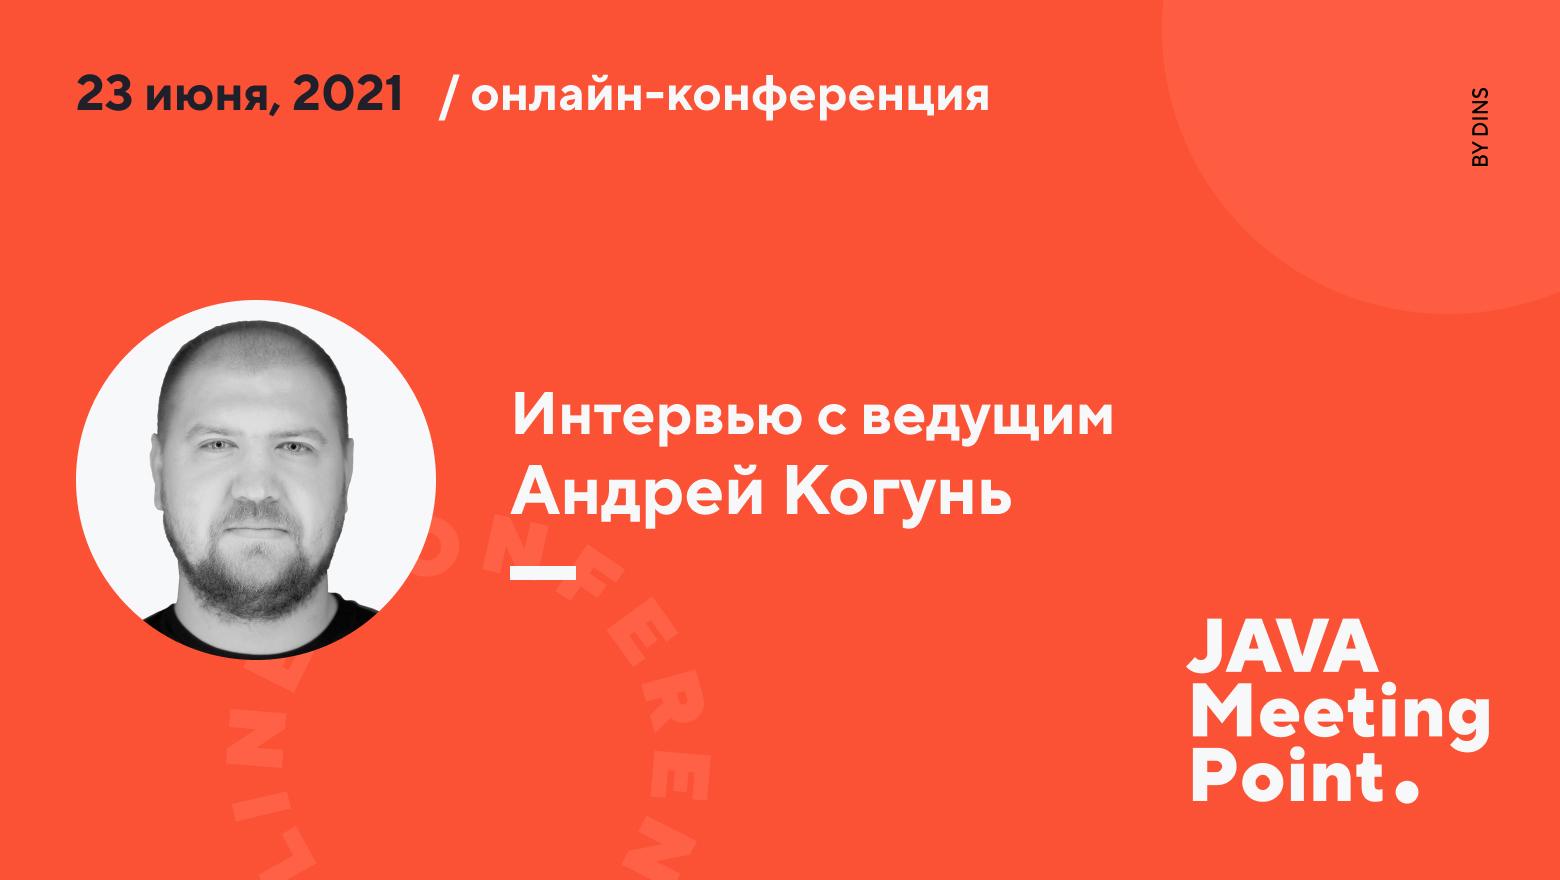 Андрей Когунь зачем развивать IT-сообщество